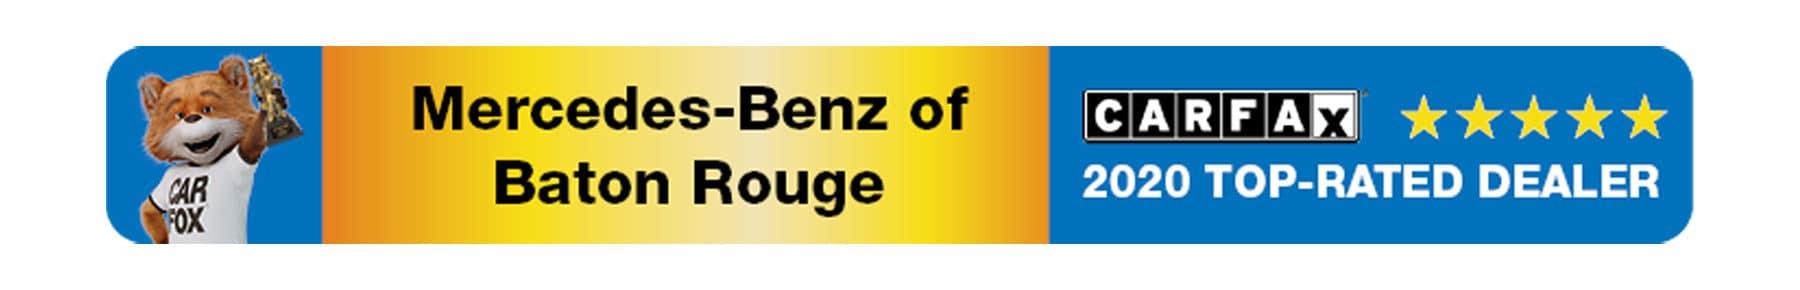 Car Fax MBOBR banner award